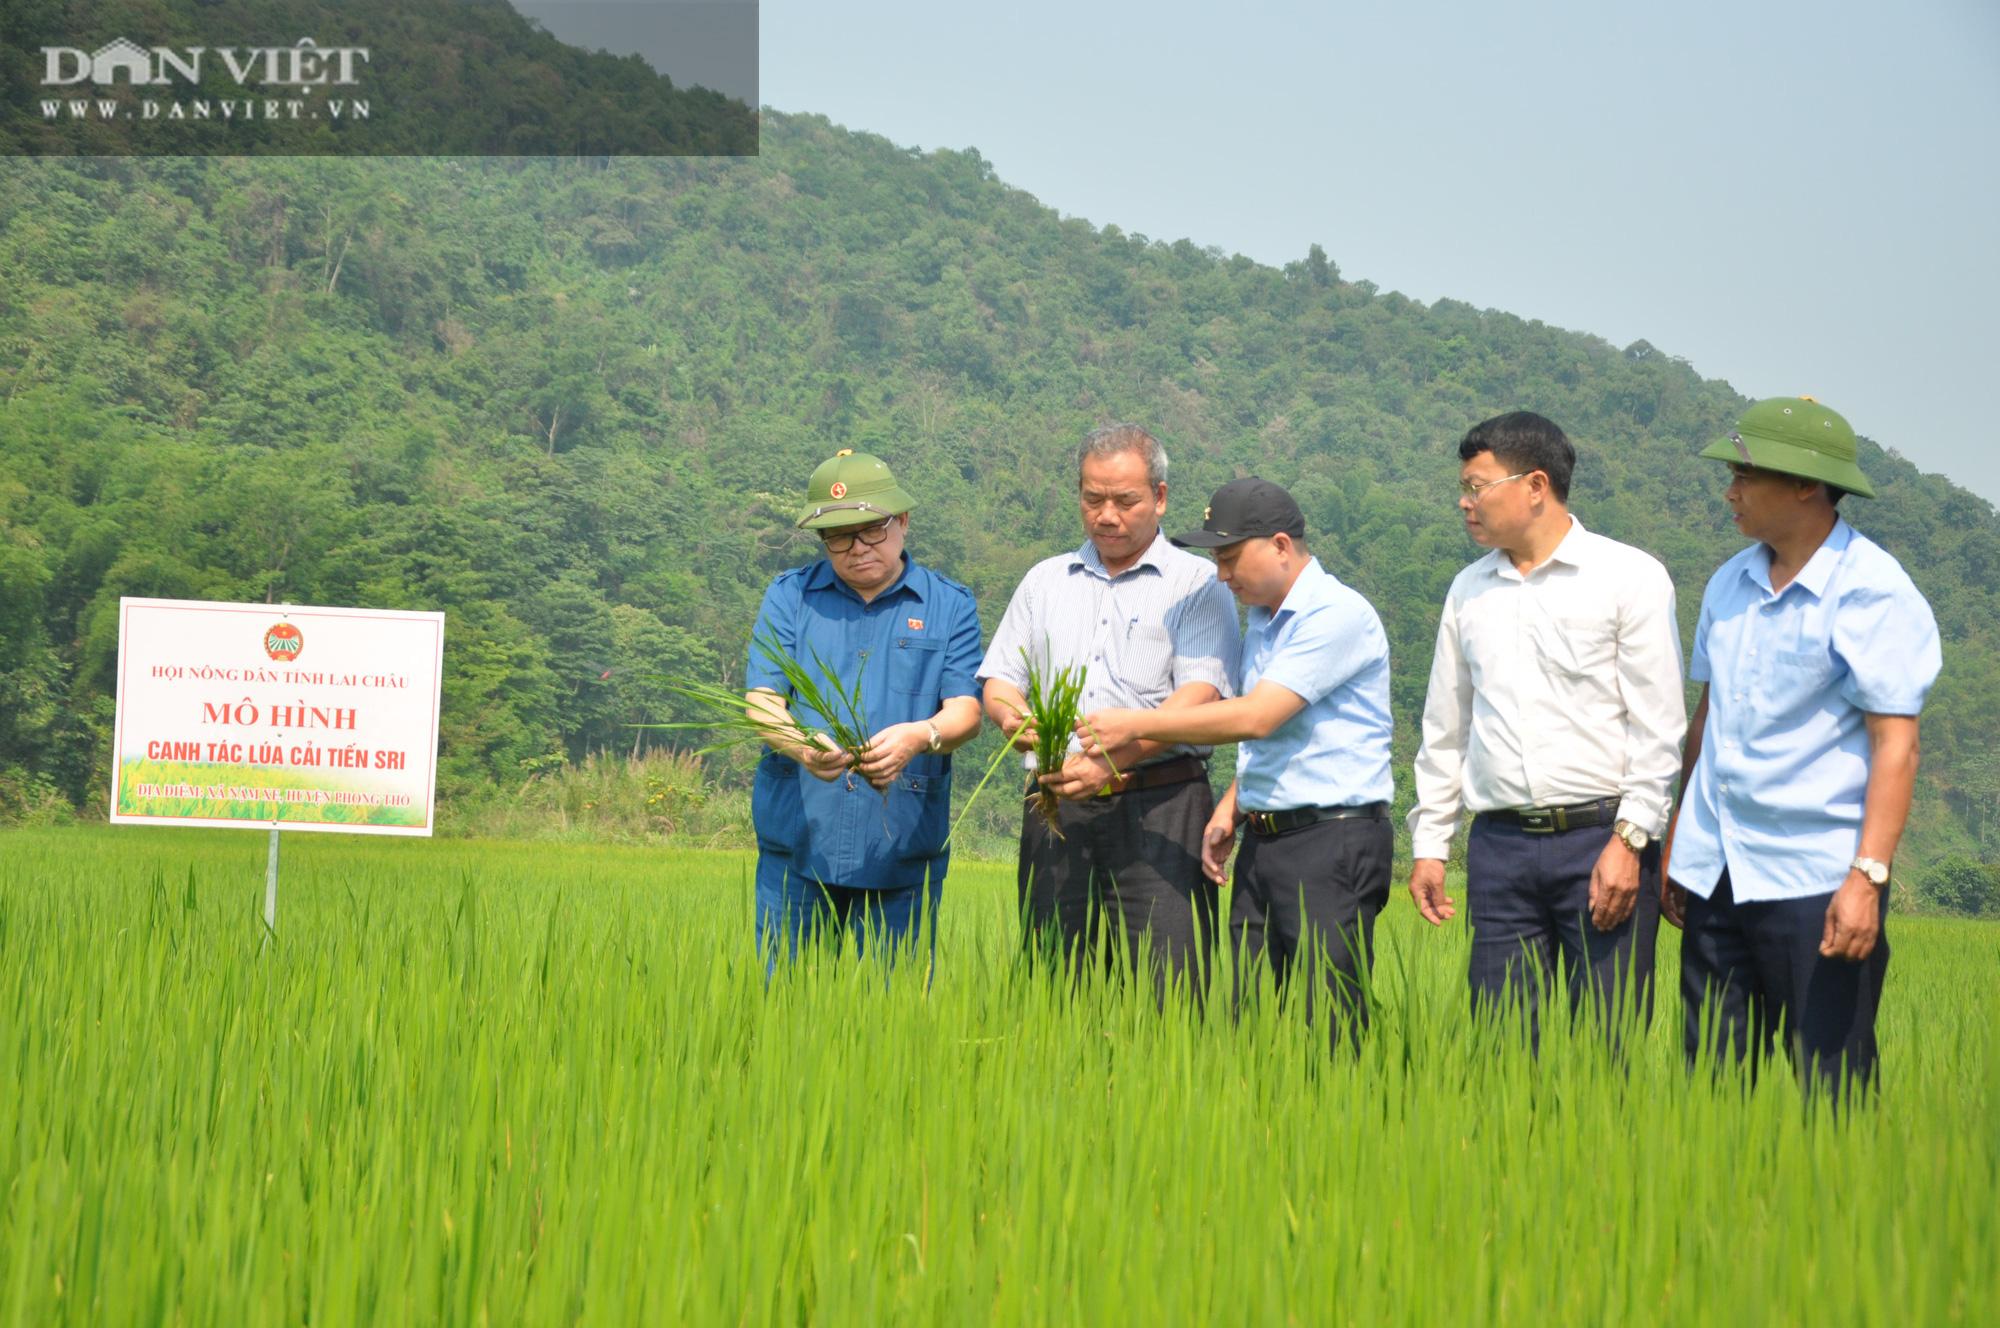 """Chủ tịch Hội Nông dân Việt Nam """"mách nước"""" giúp dân Lai Châu sản xuất lúa theo tiêu chuẩn quốc tế - Ảnh 2."""